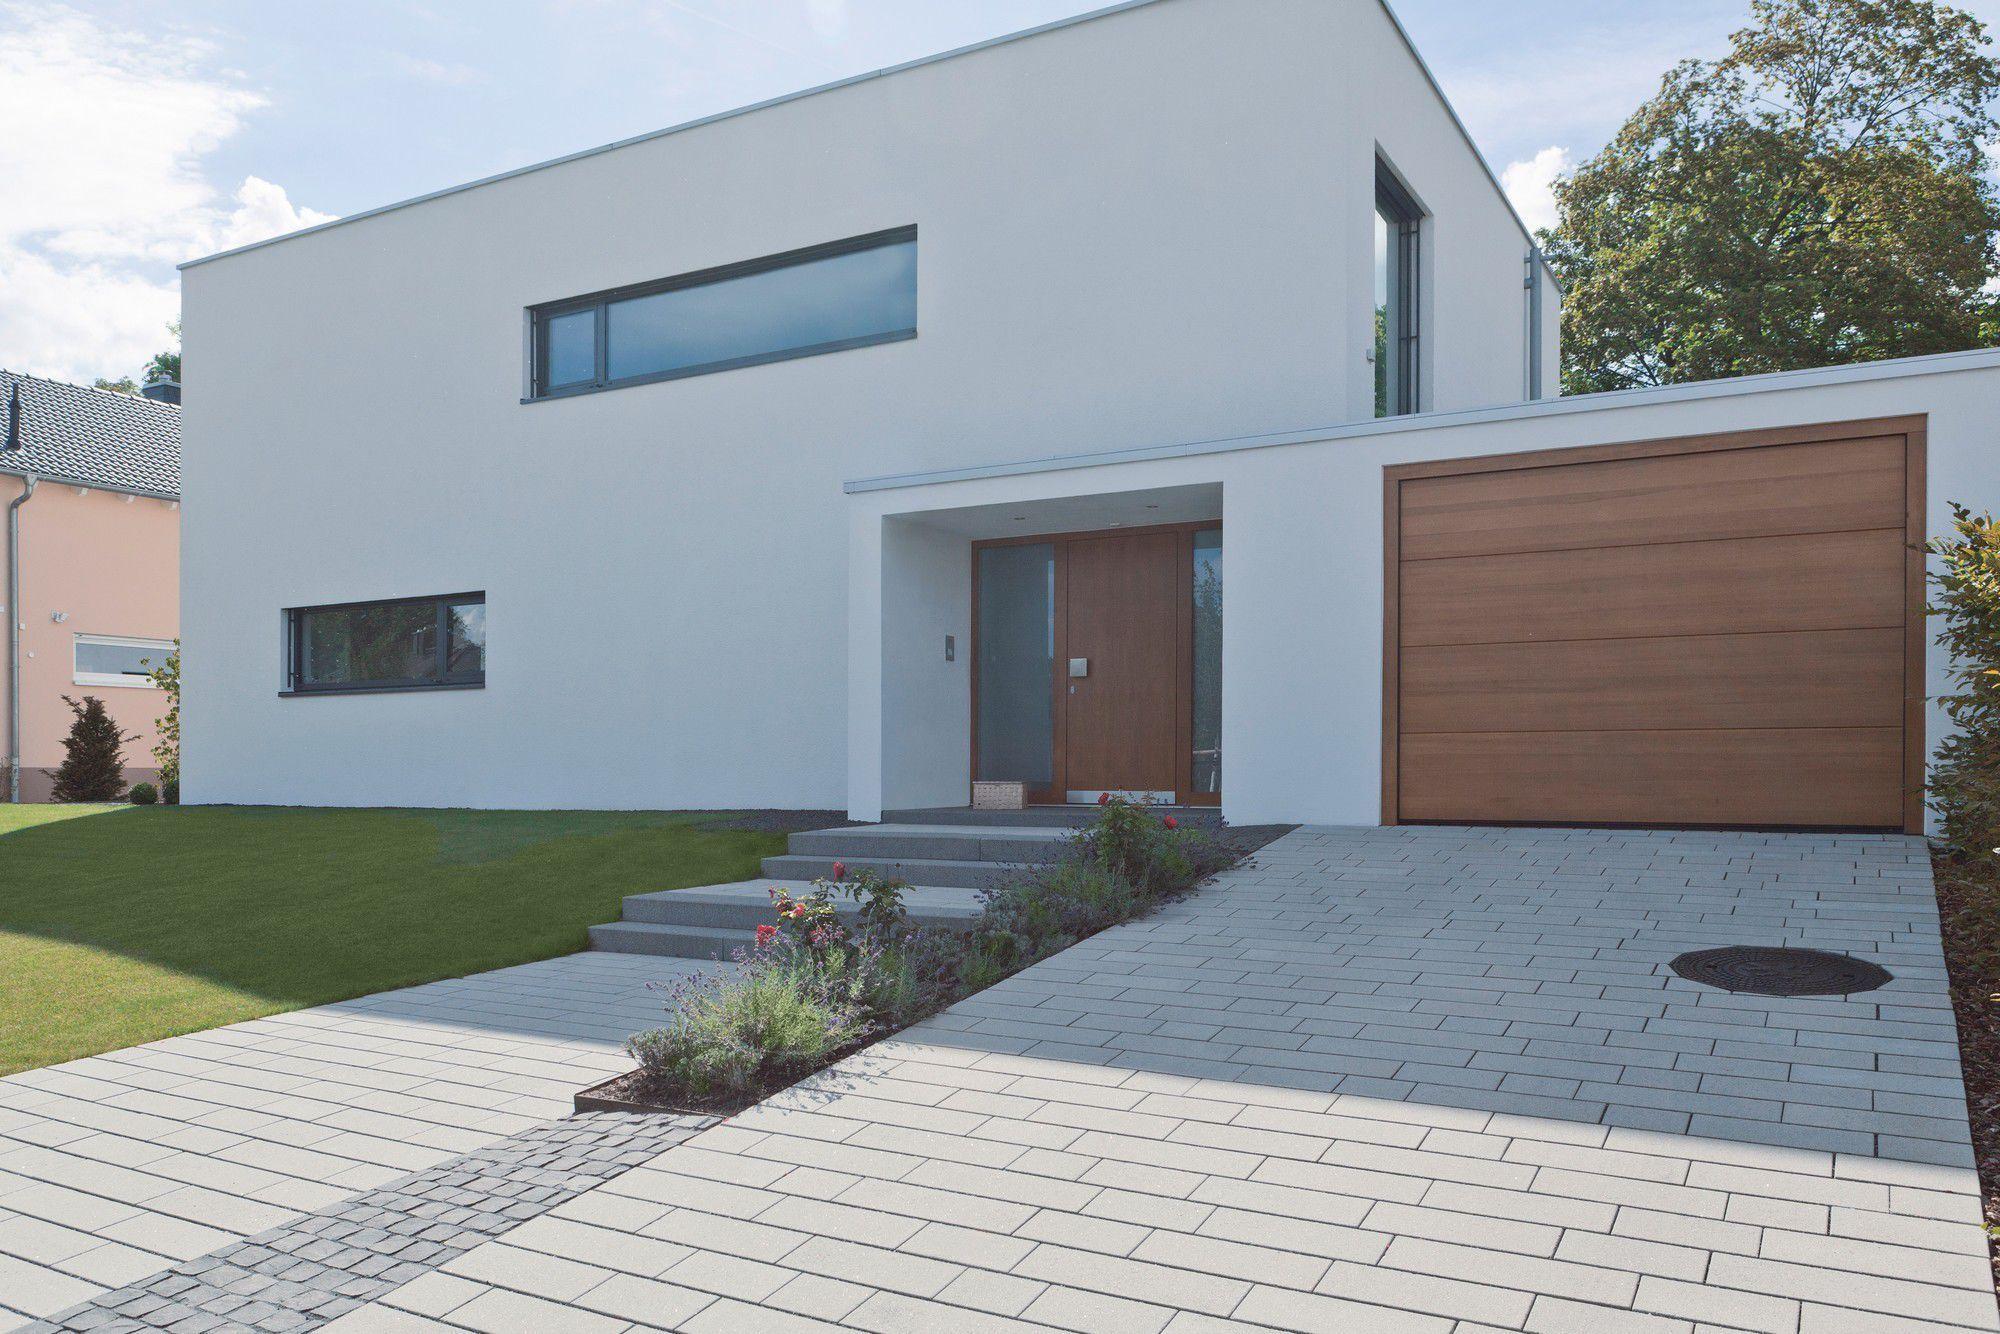 Bildergebnis für pflastersteine beton mit natursteinen kombiniert ...